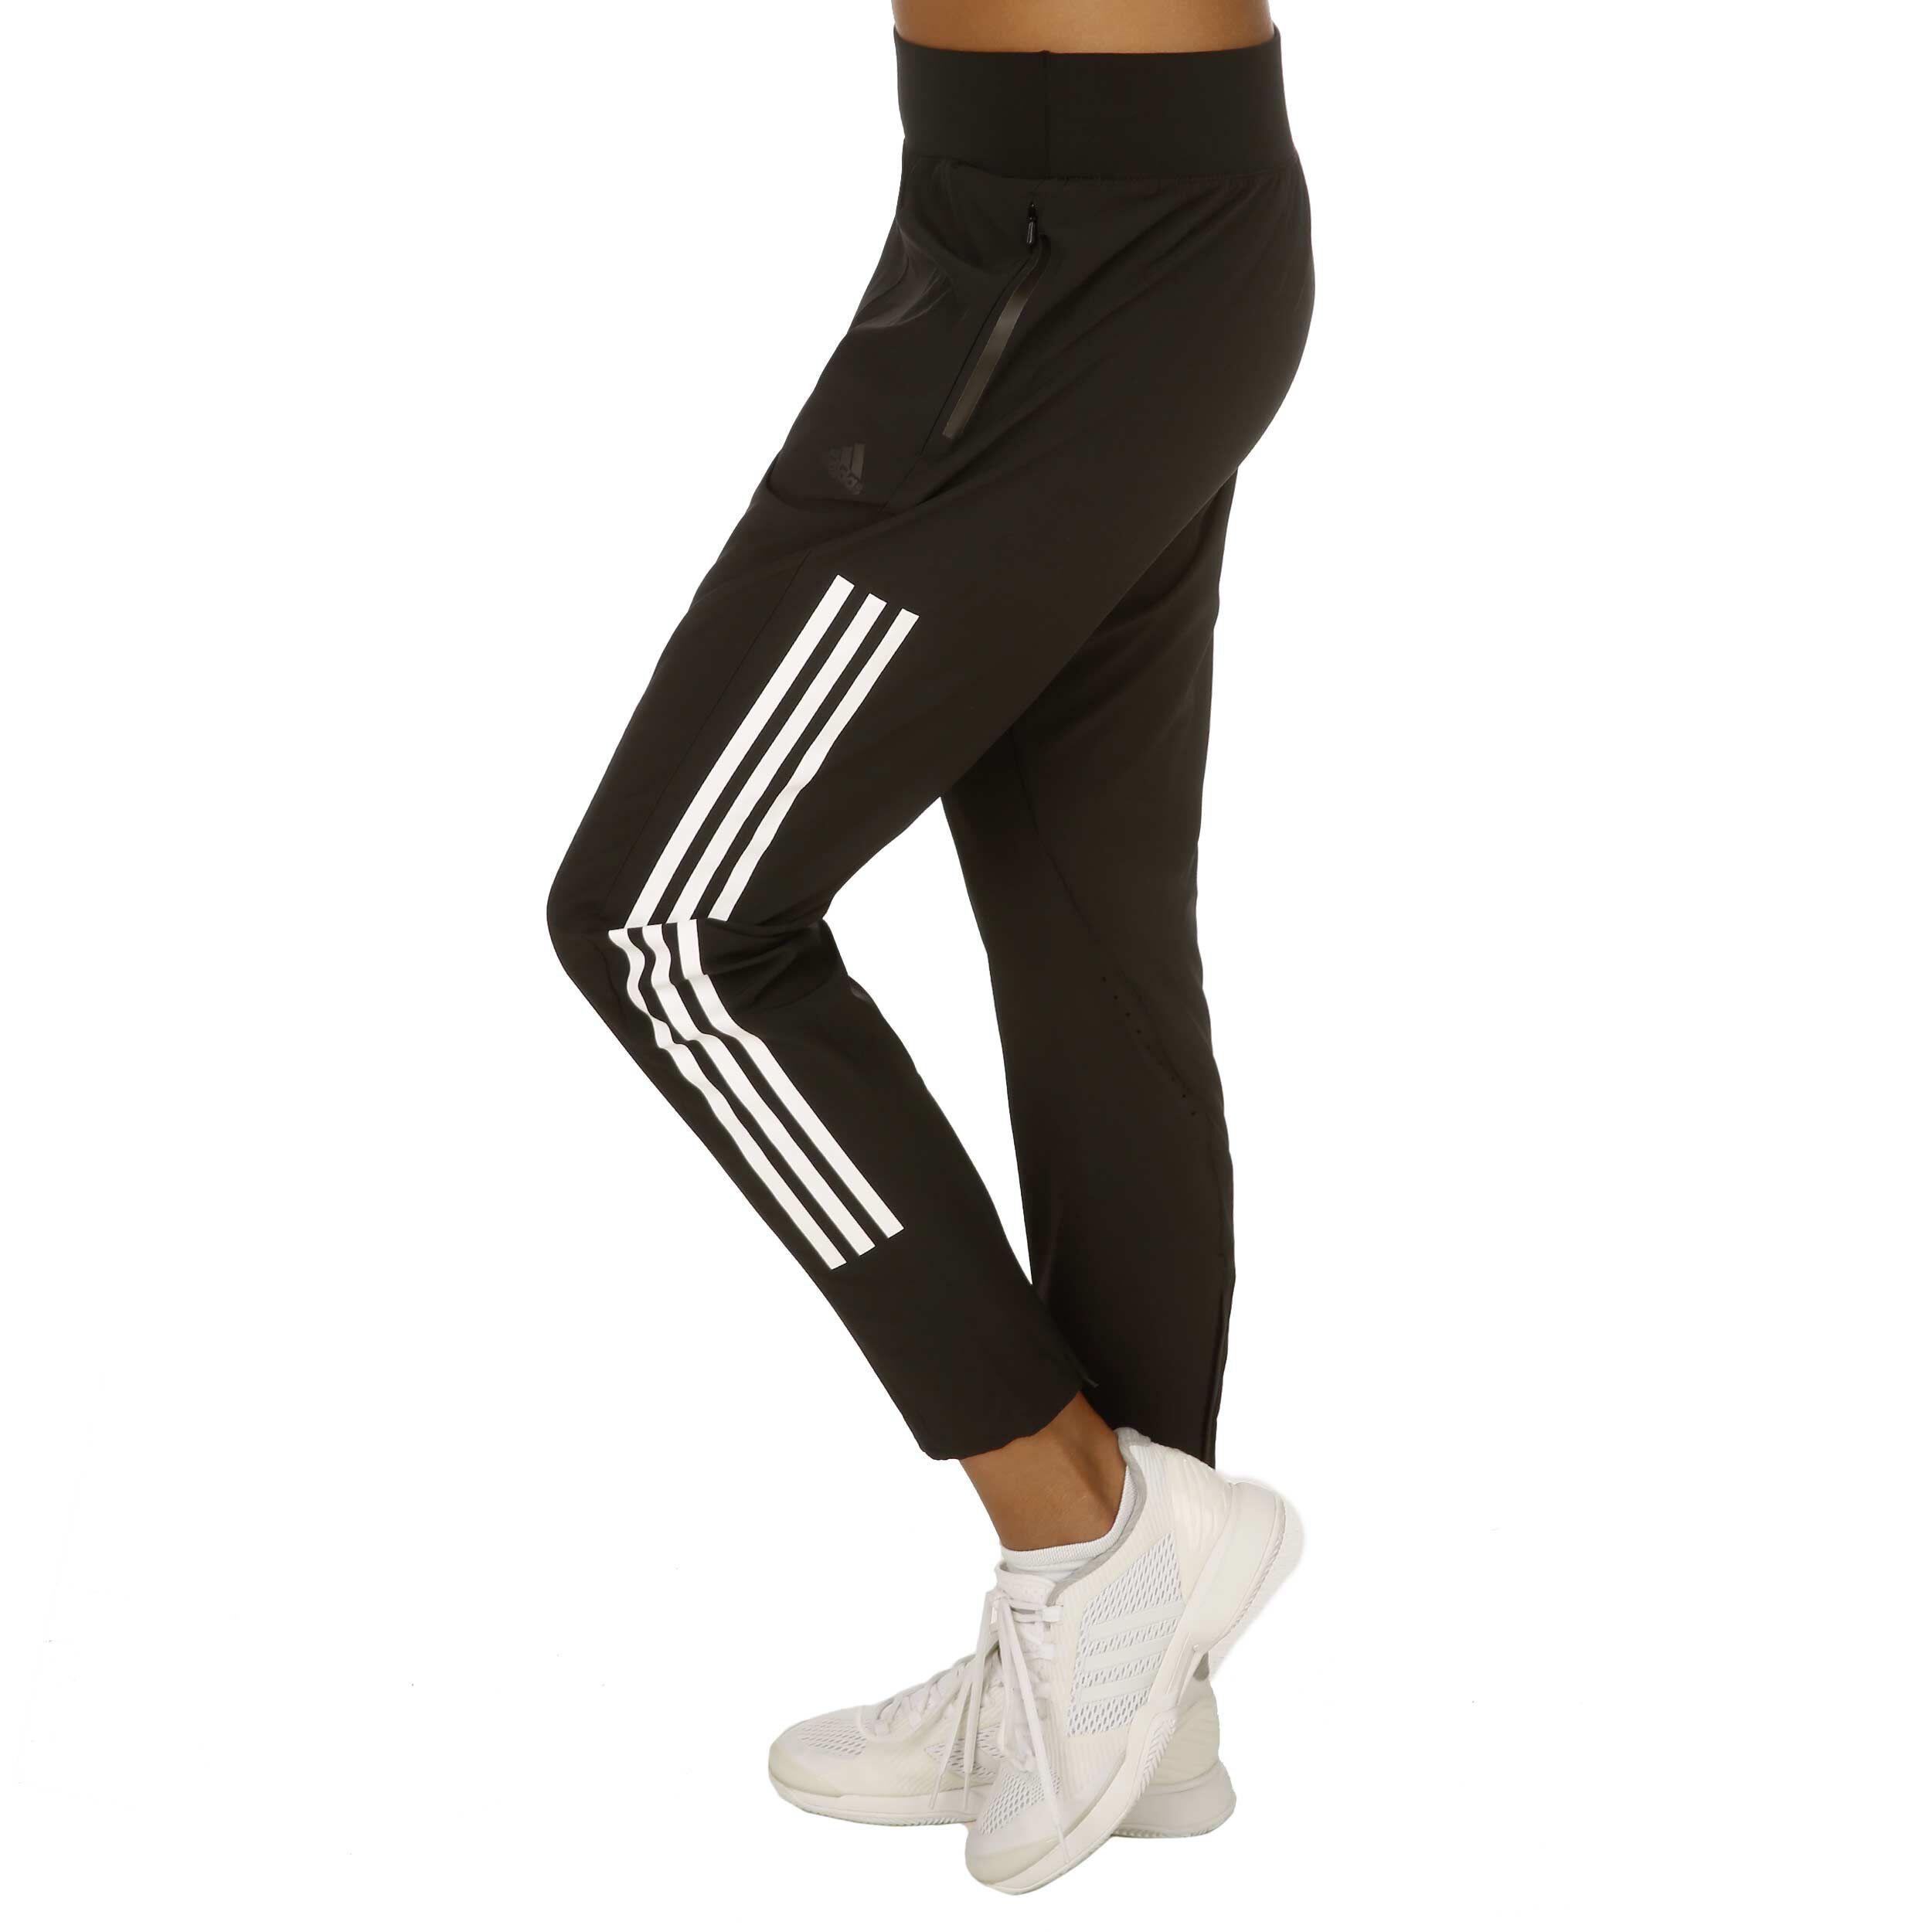 adidas Woven Trainingshose Damen Schwarz online kaufen